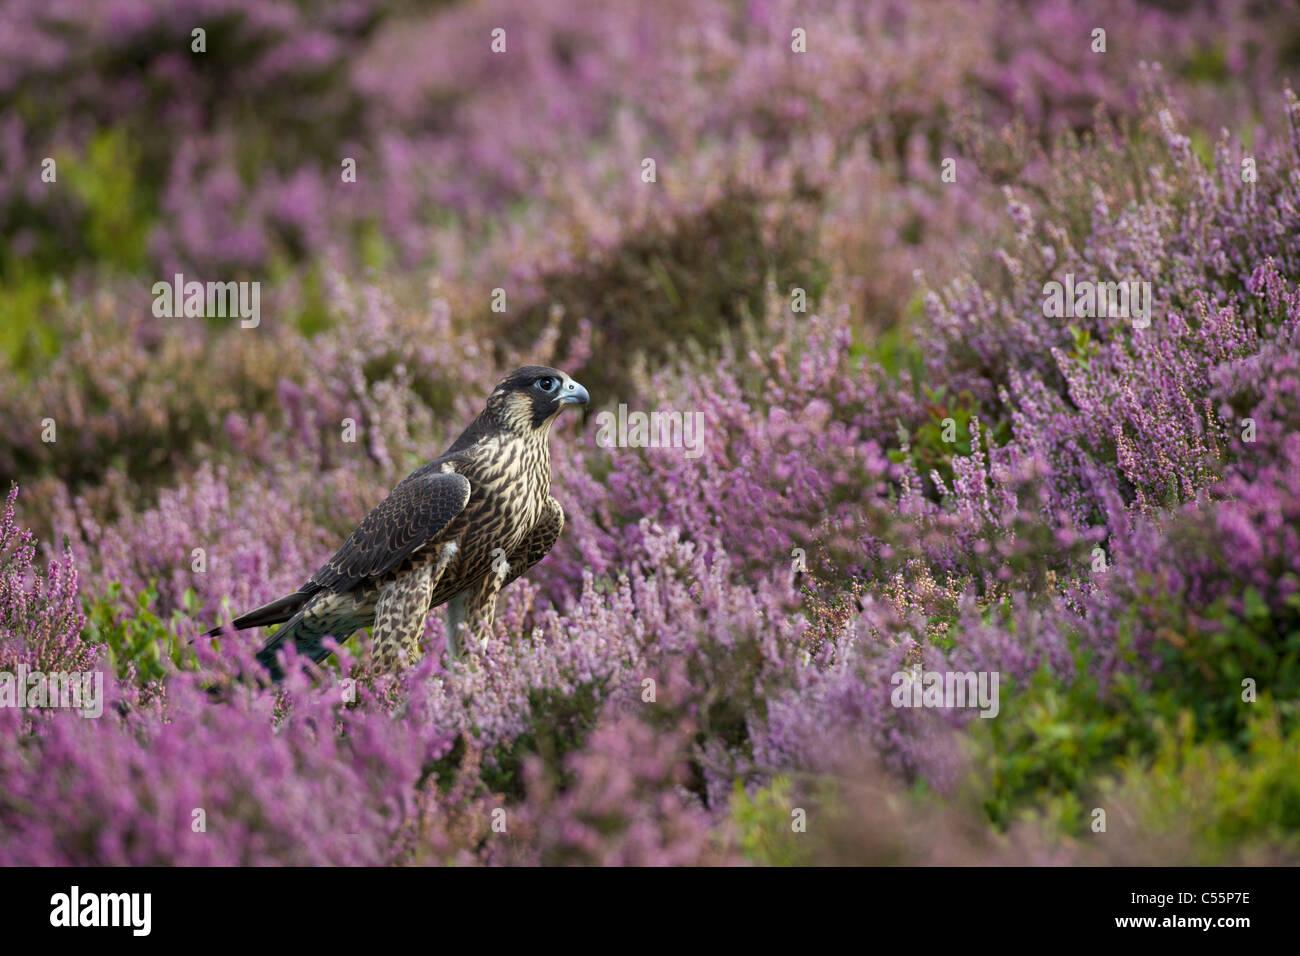 Le faucon pèlerin (Falco peregrinus) dans un champ de bruyère, Hyeres, France Banque D'Images